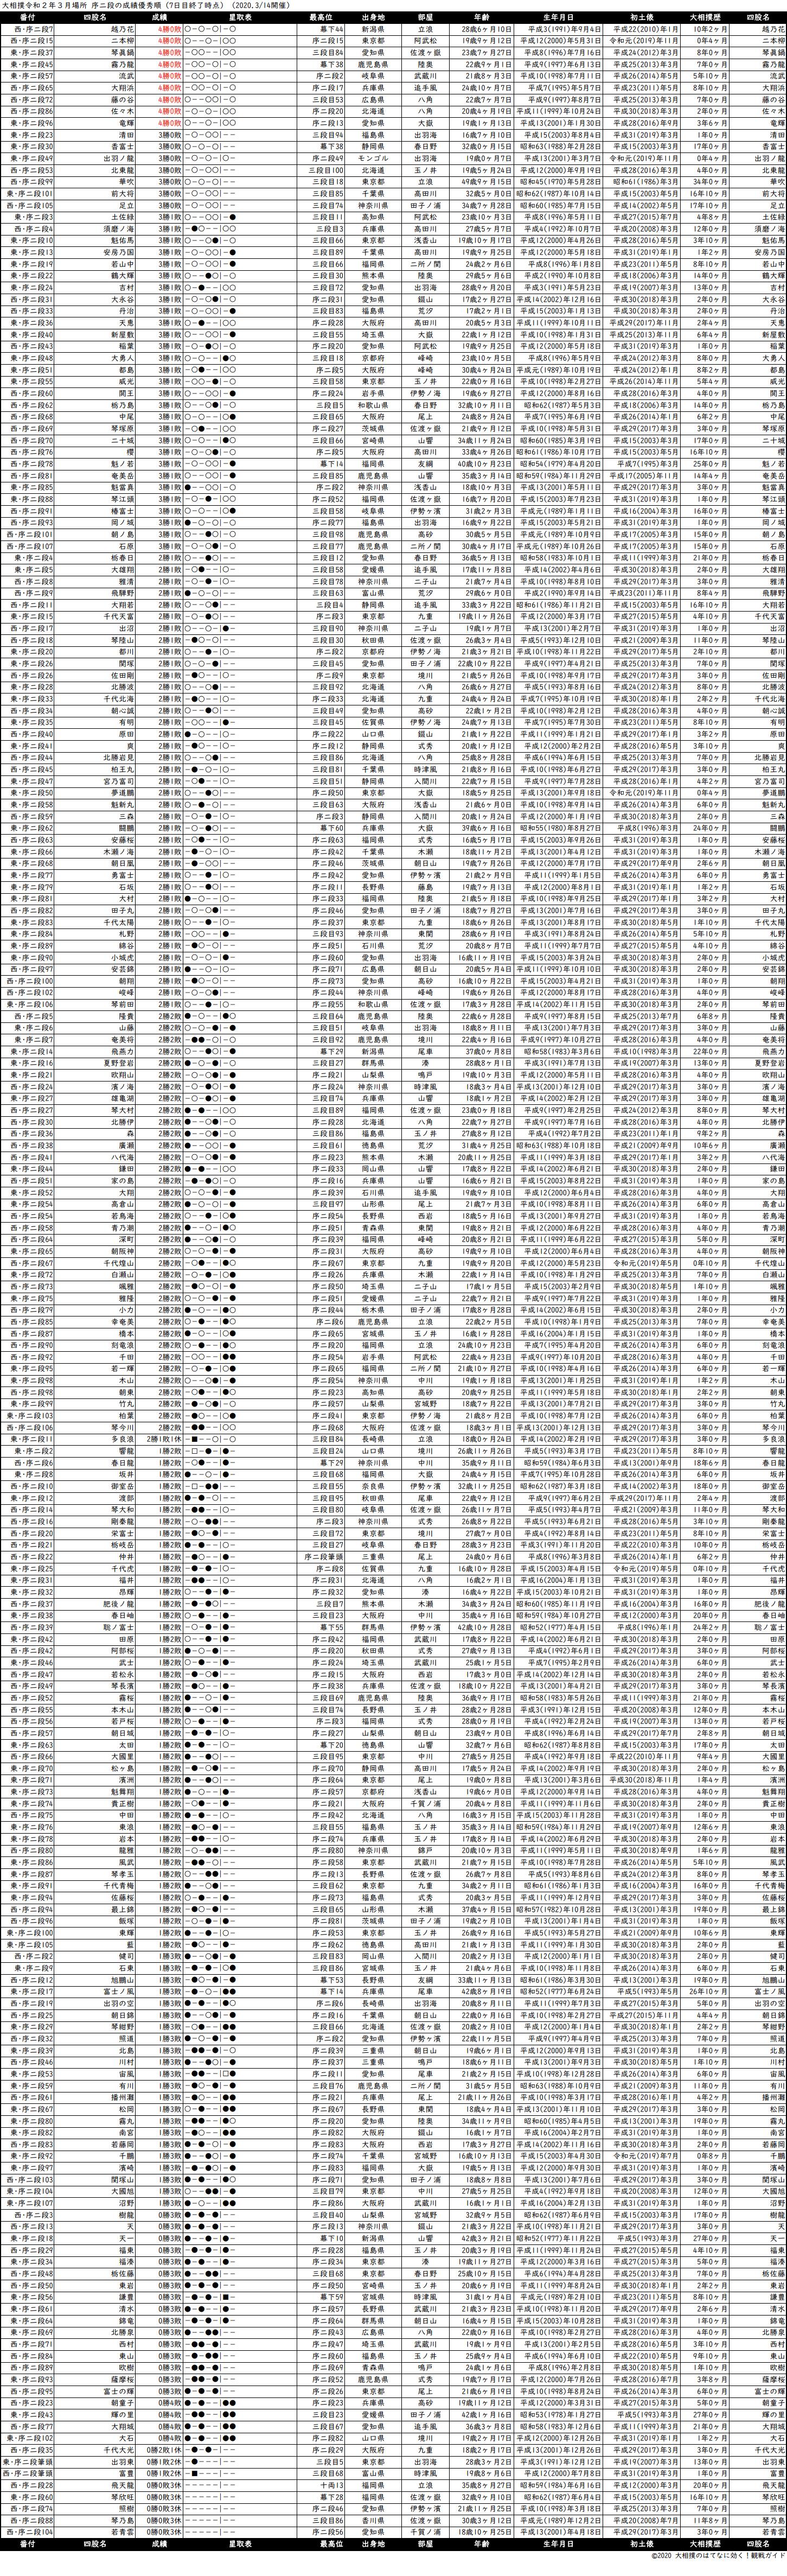 序二段成績順一覧表・2020年3月場所7日目